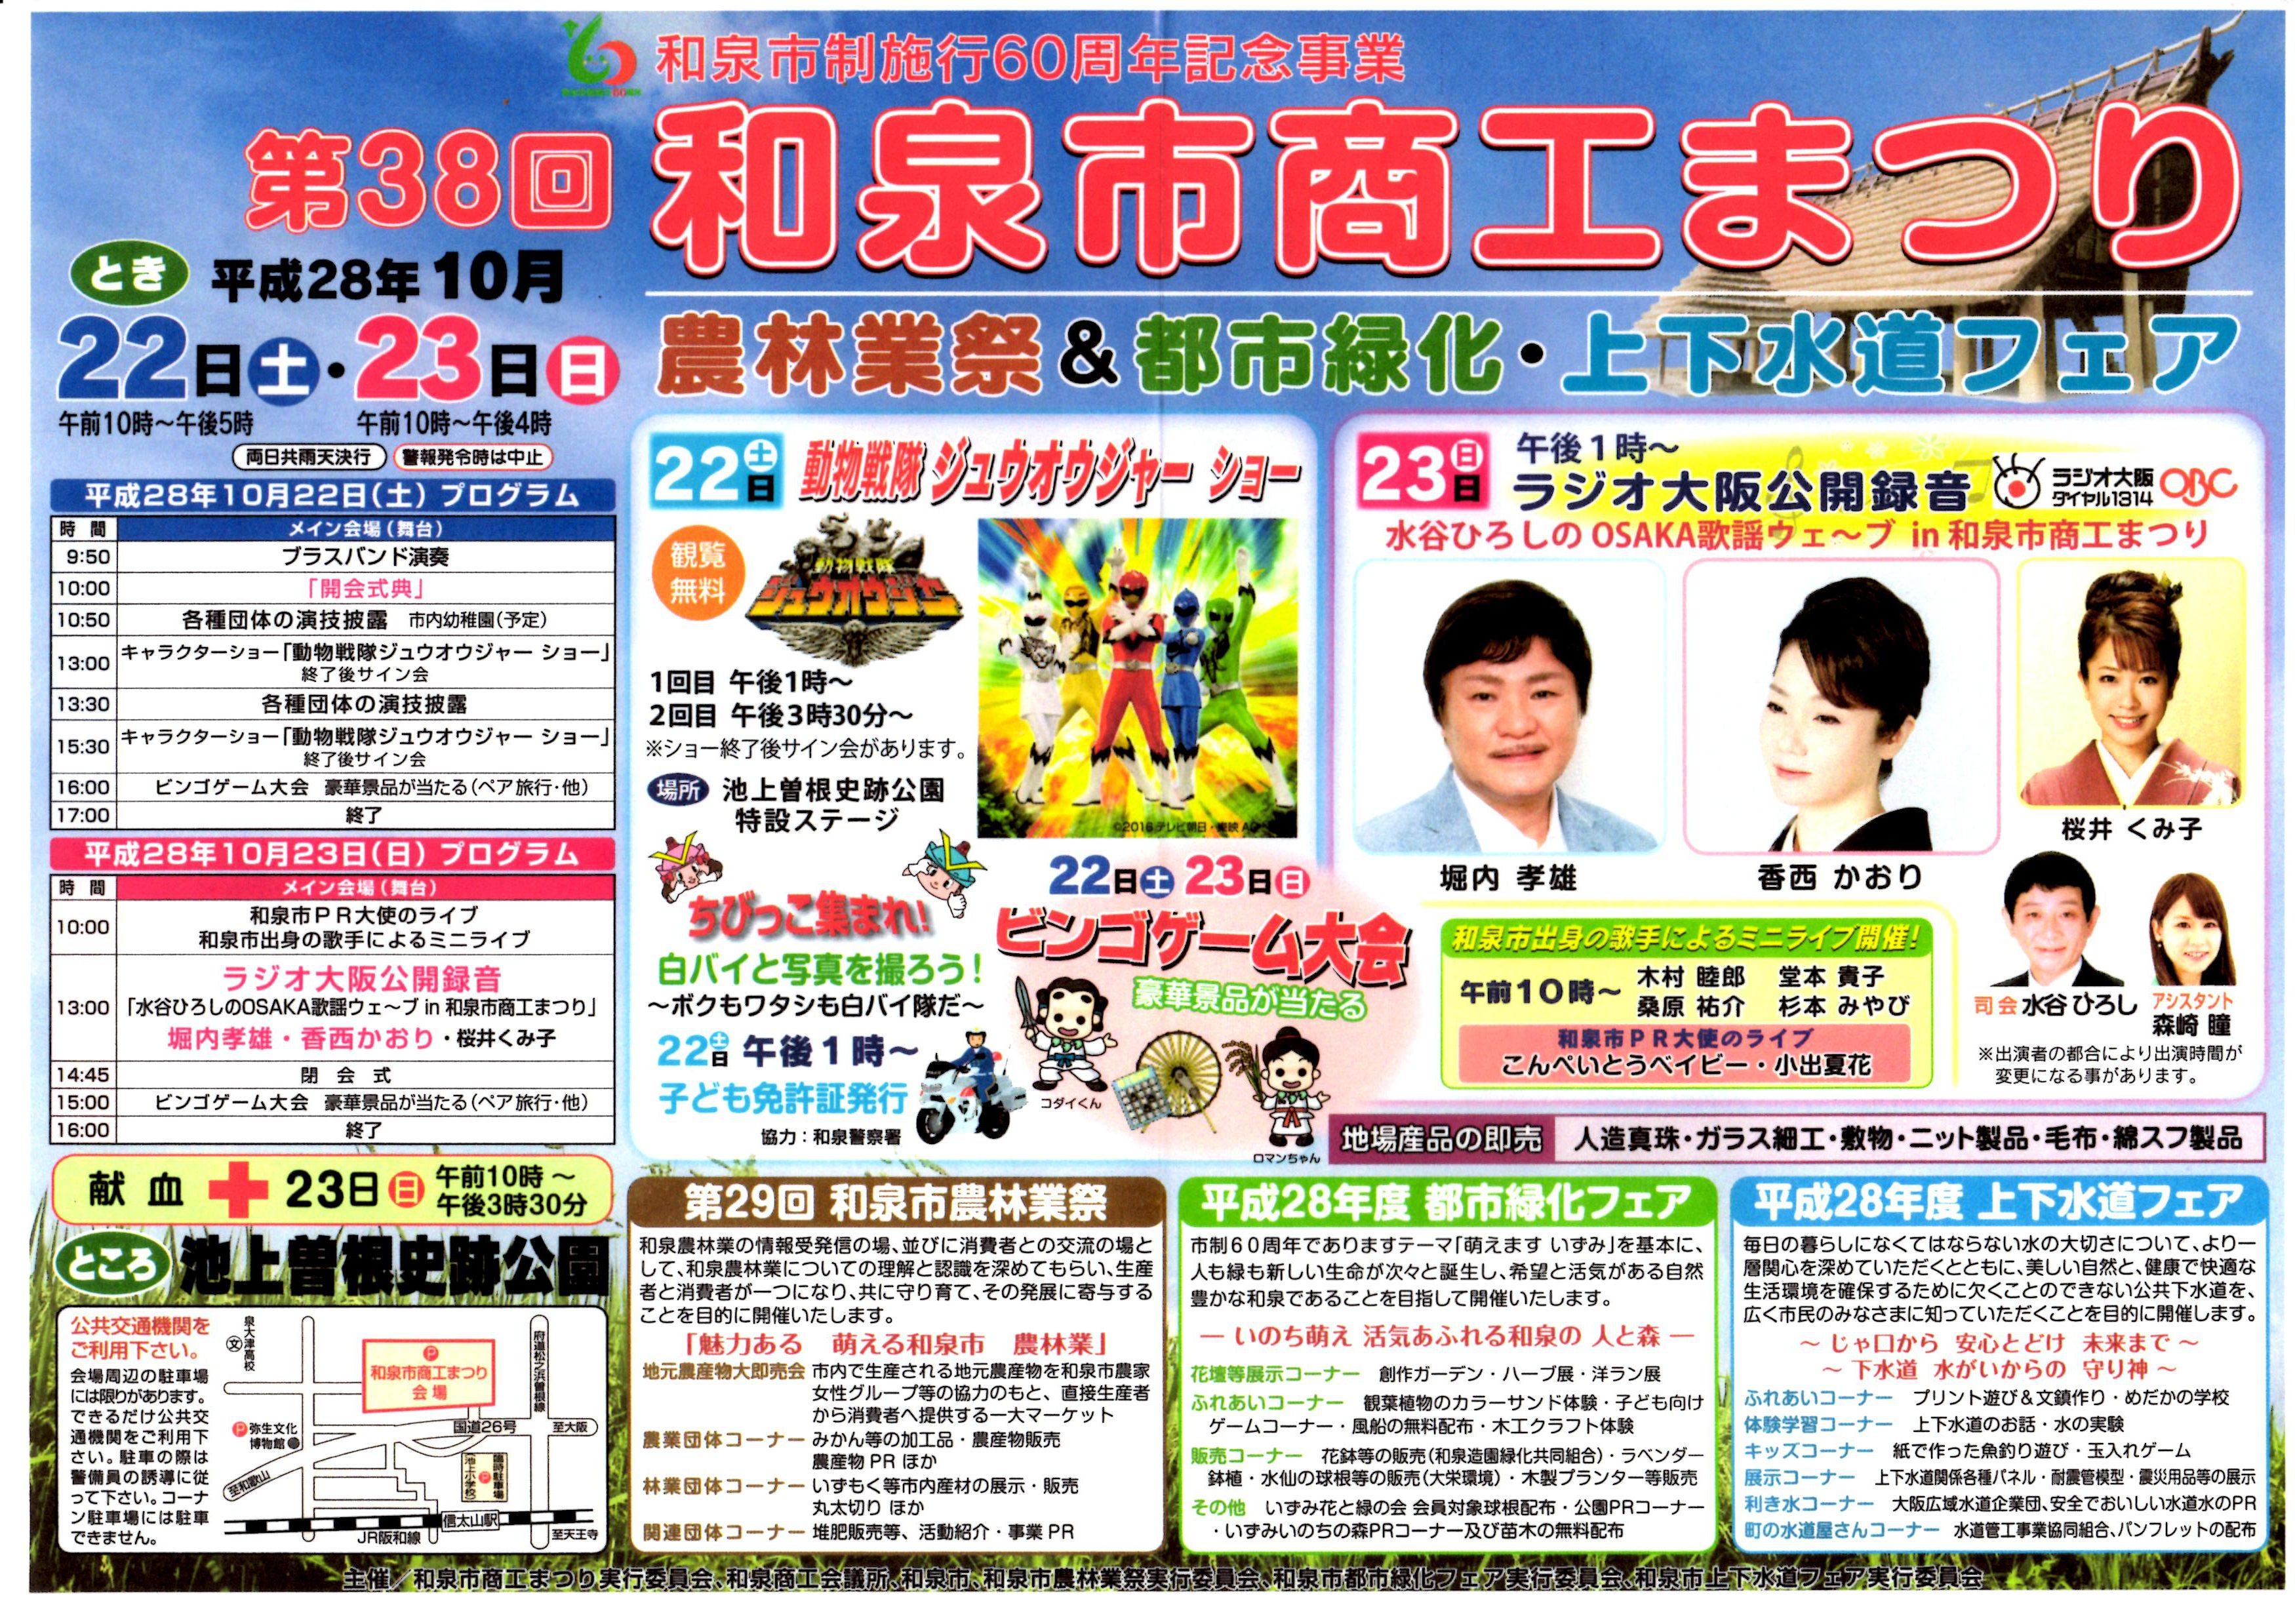 第38回 和泉市商工まつり(農林業祭&都市緑化・上下水道フェア)